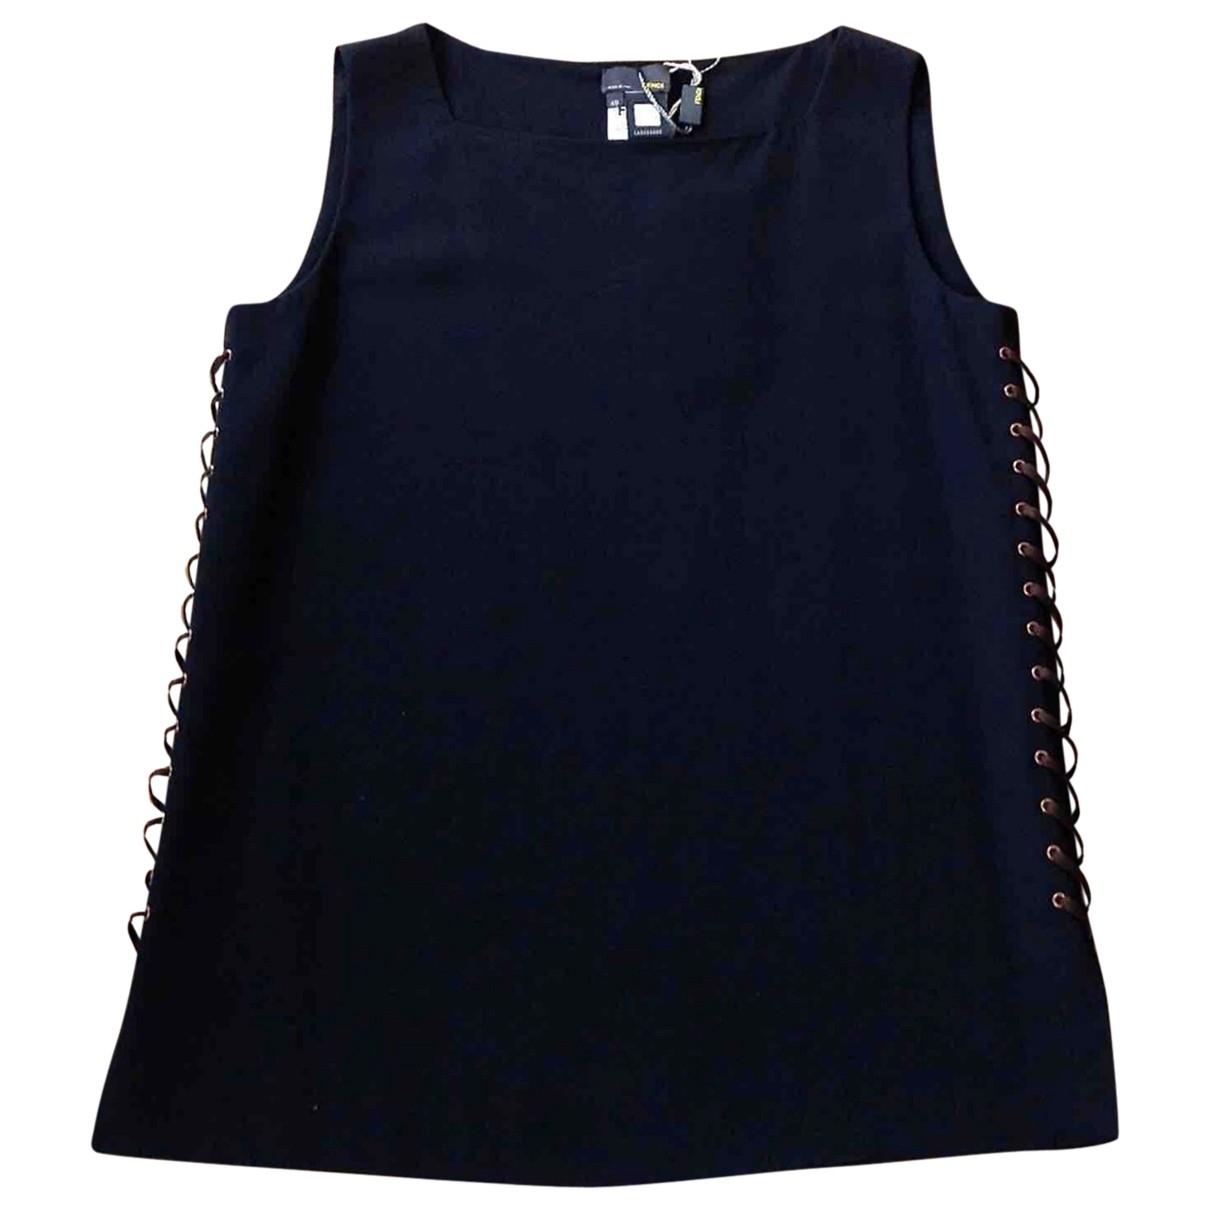 Fendi \N Black  top for Women 40 IT